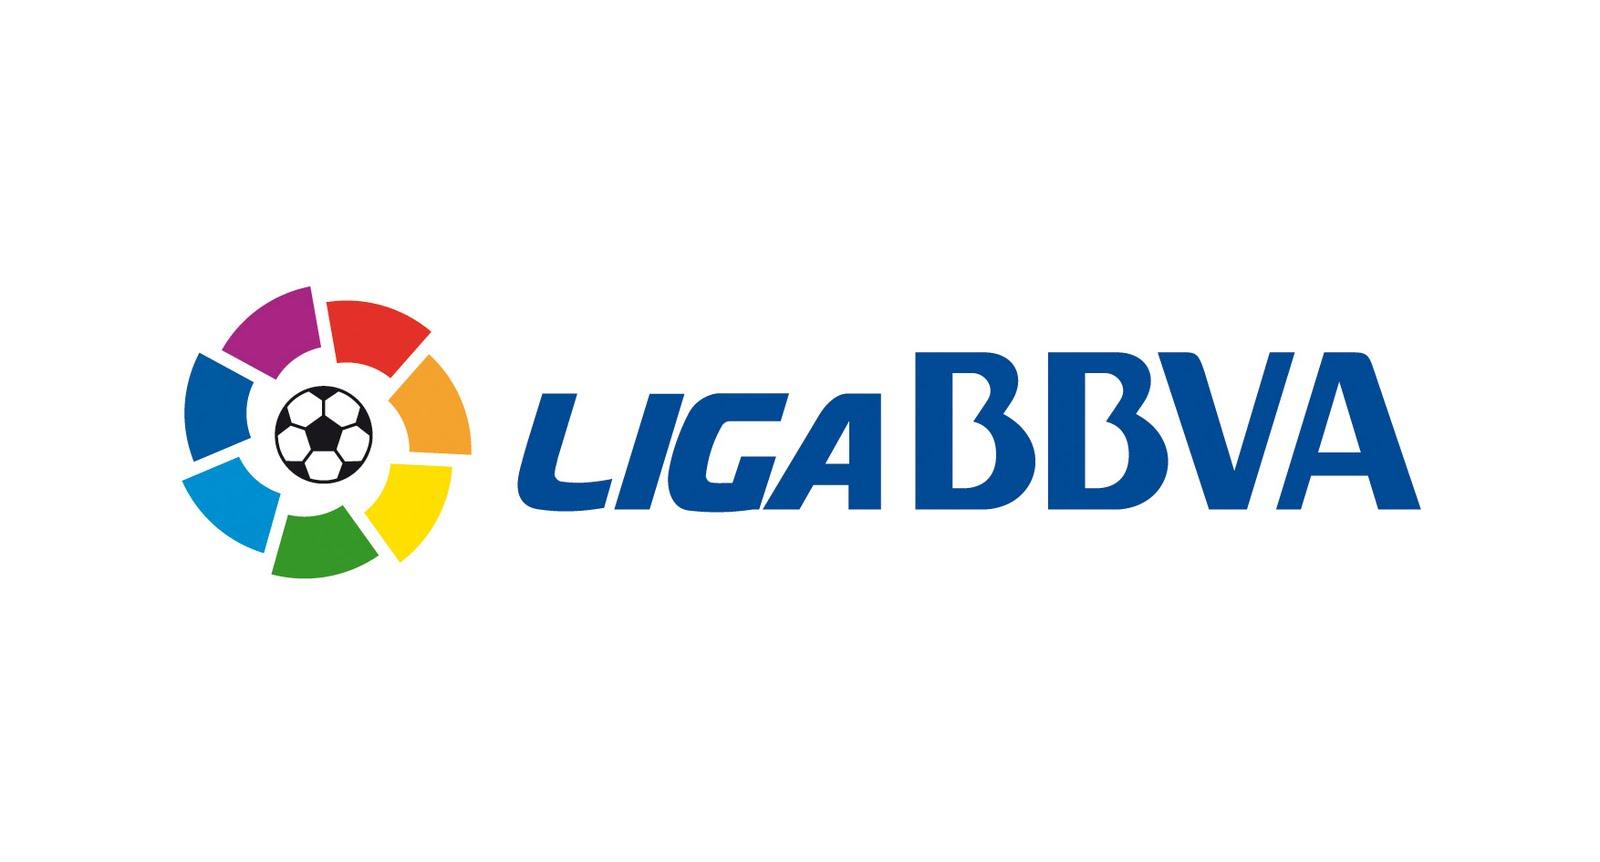 logo-liga-bbva_1xdmqh52jn54k12s5aa26x2i1t